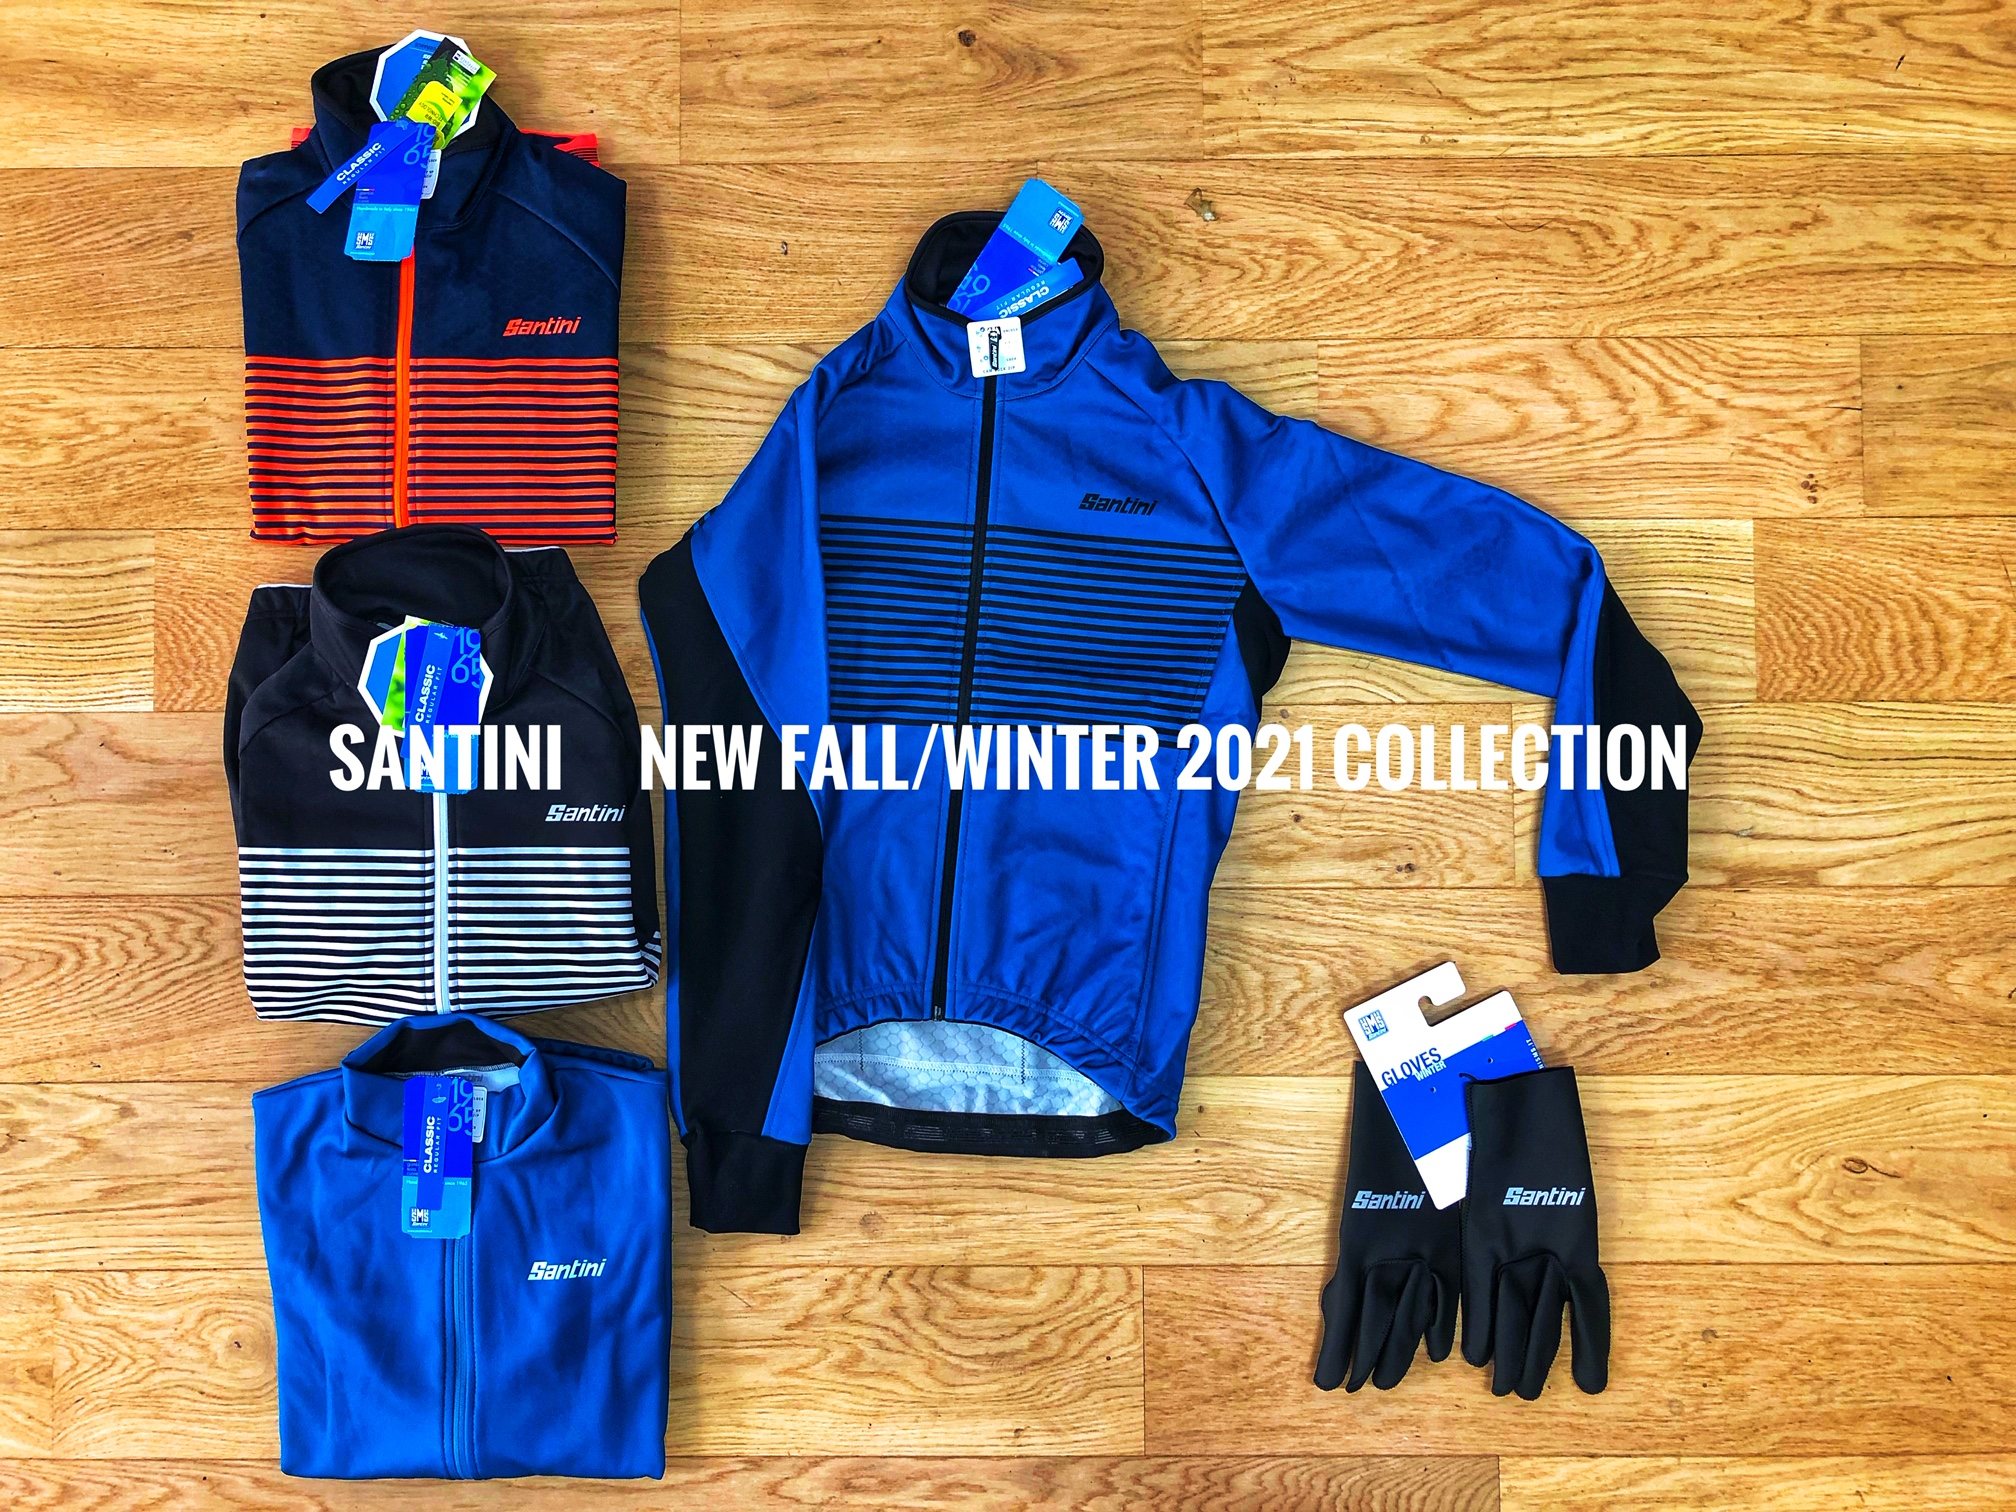 La collection automne/hiver 2021 Santini homme et femme est arrivée!